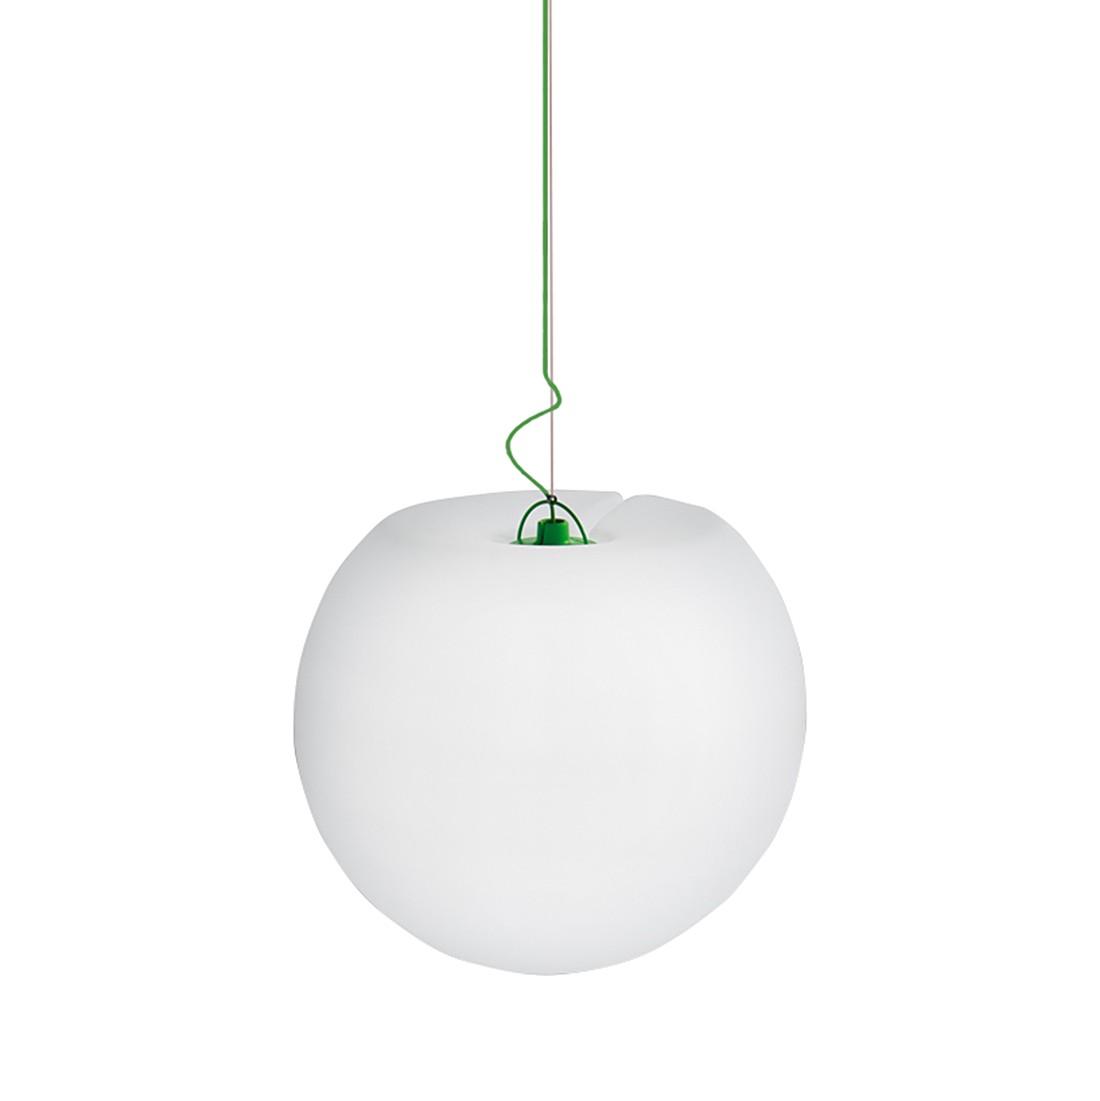 EEK A++, Gartenleuchte Happy Apple I – Kunststoff Weiß, Jan Kurtz günstig online kaufen